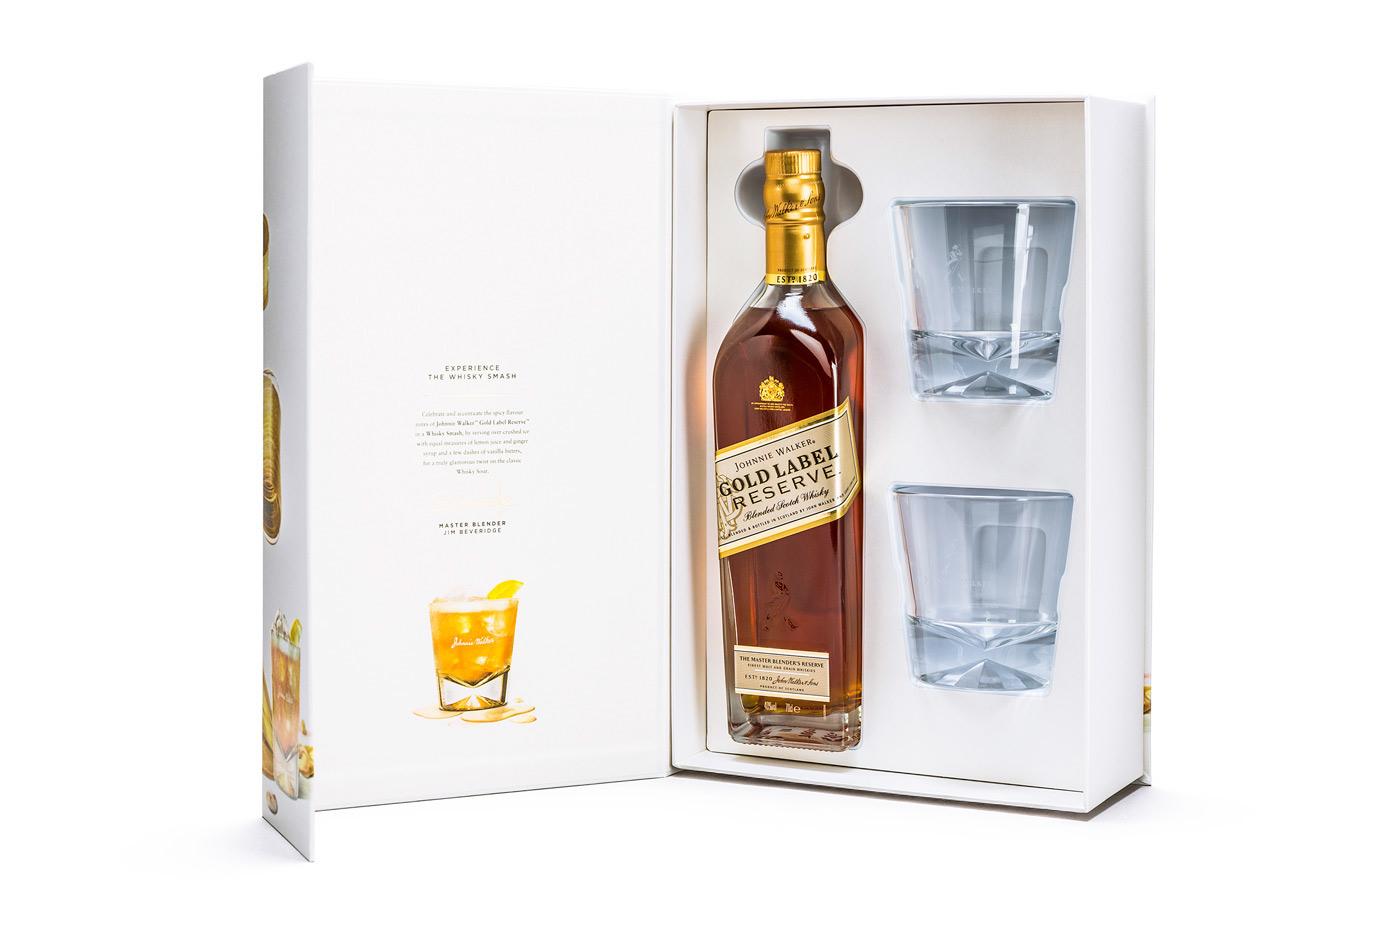 Фото набора с виски